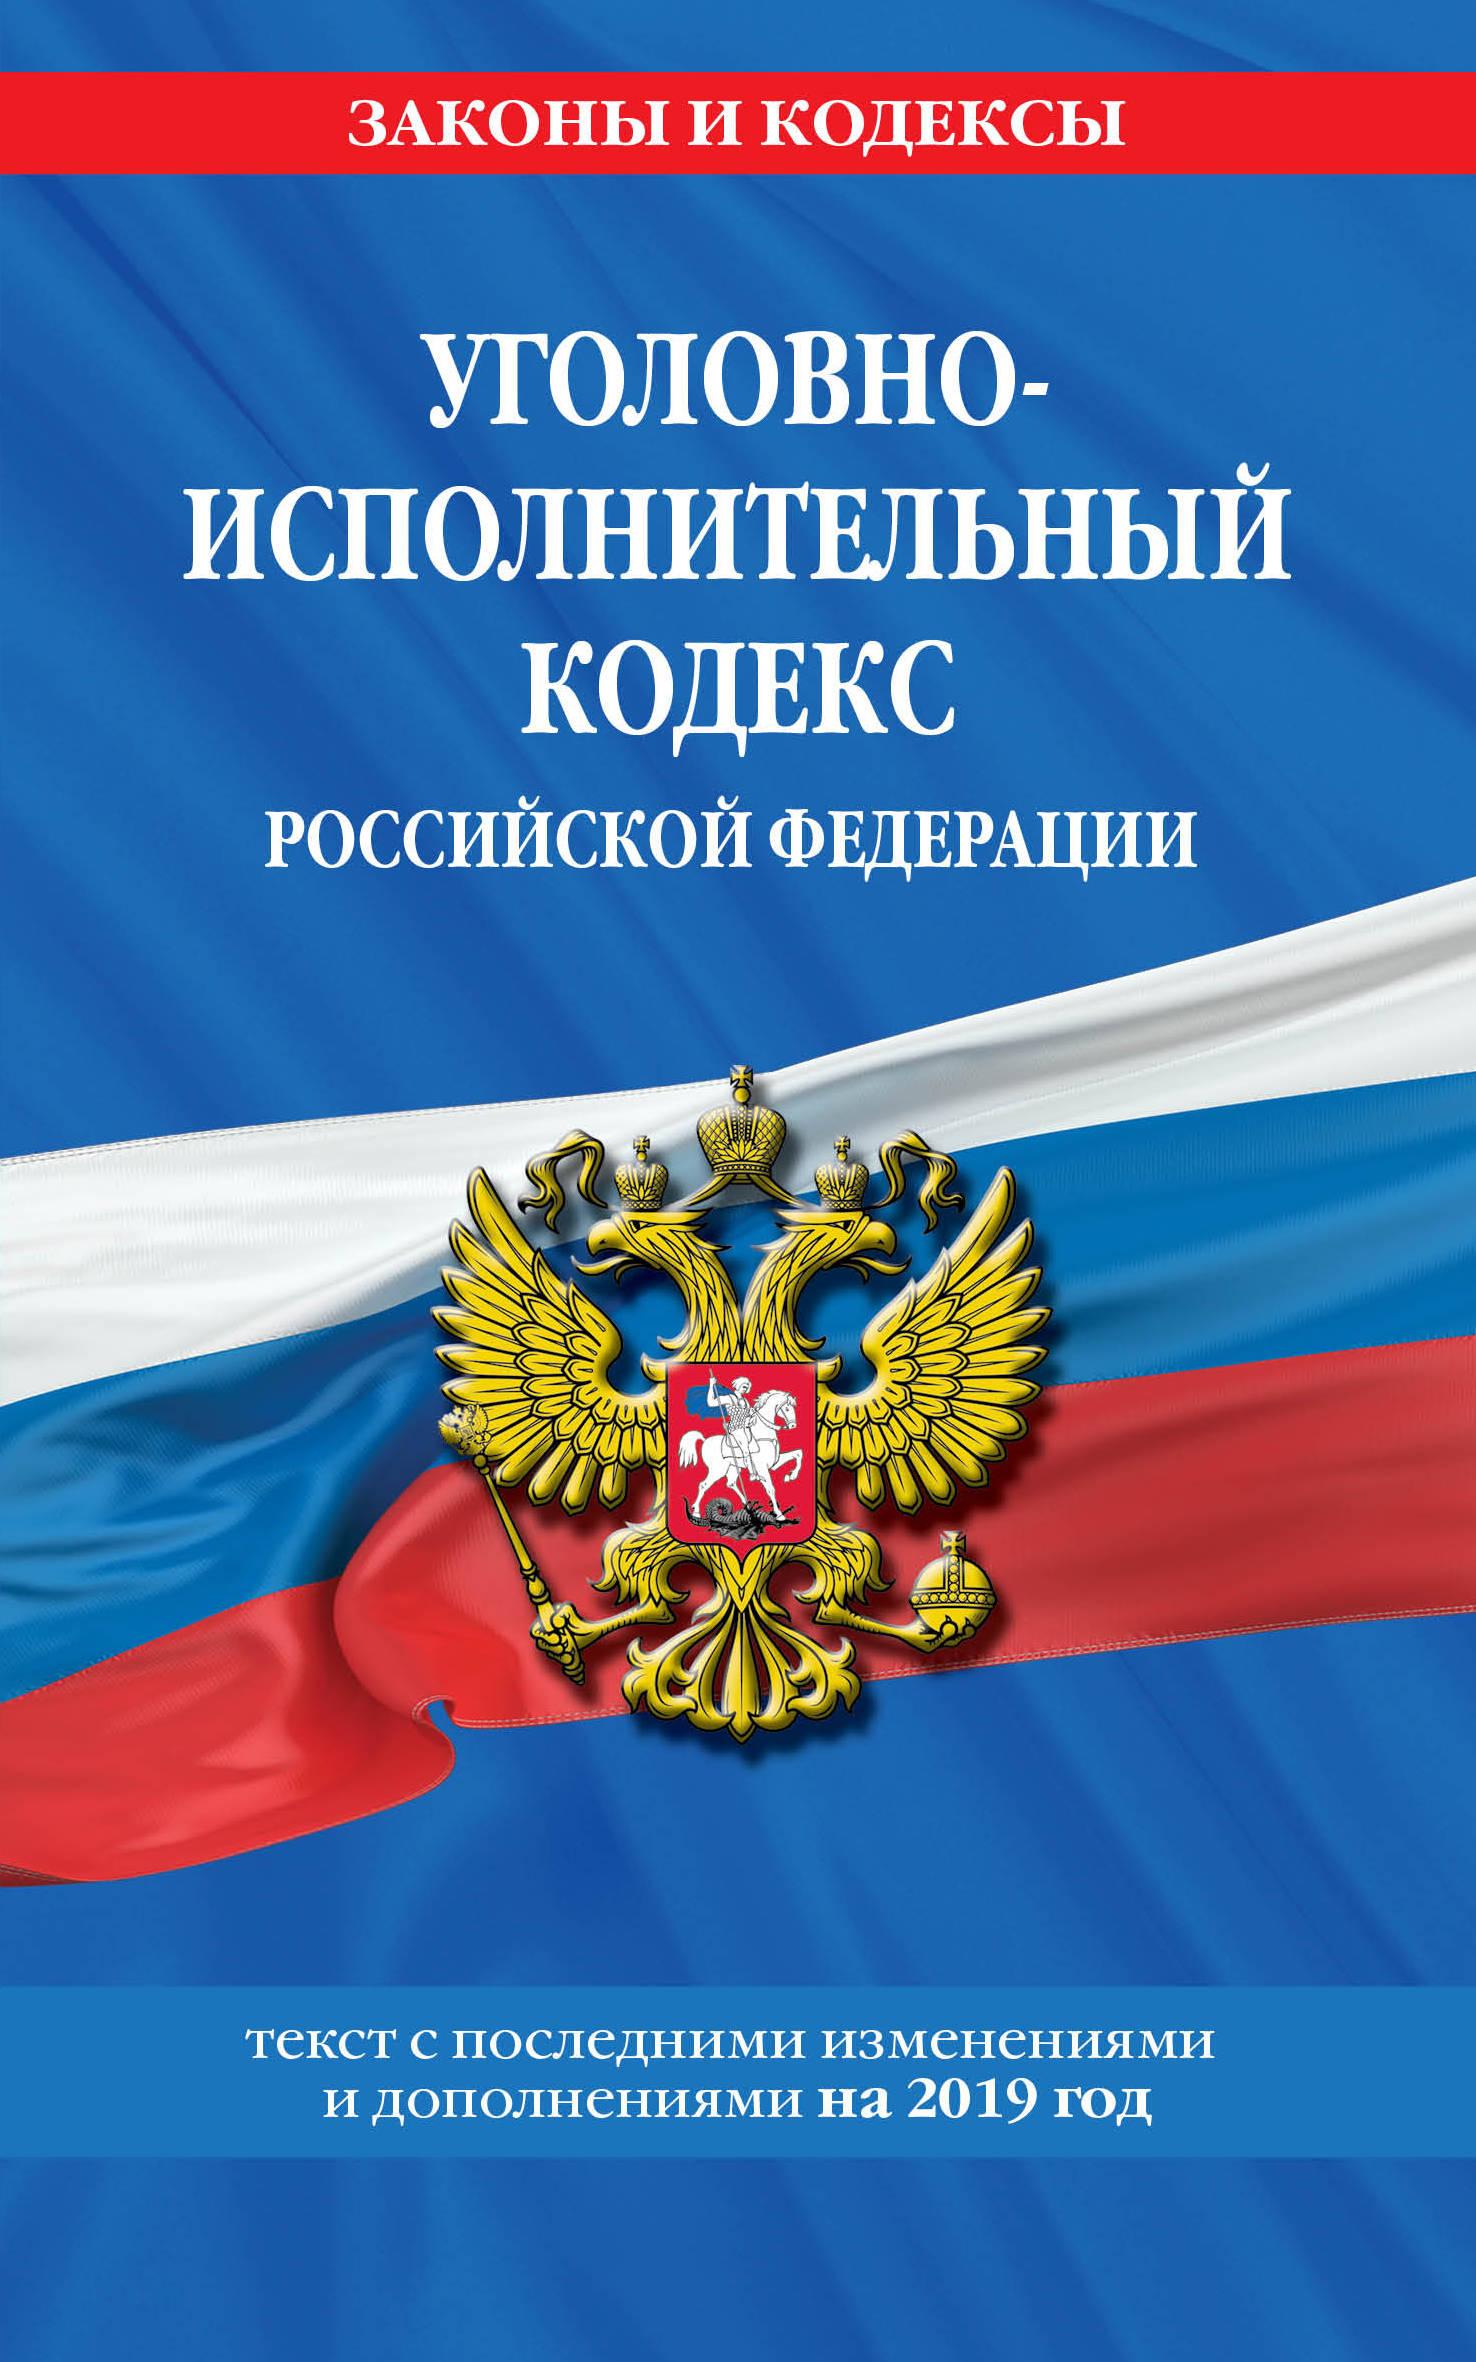 Ugolovno-ispolnitelnyj kodeks Rossijskoj Federatsii: tekst s samymi posl. izm. i dop. na 2019 god